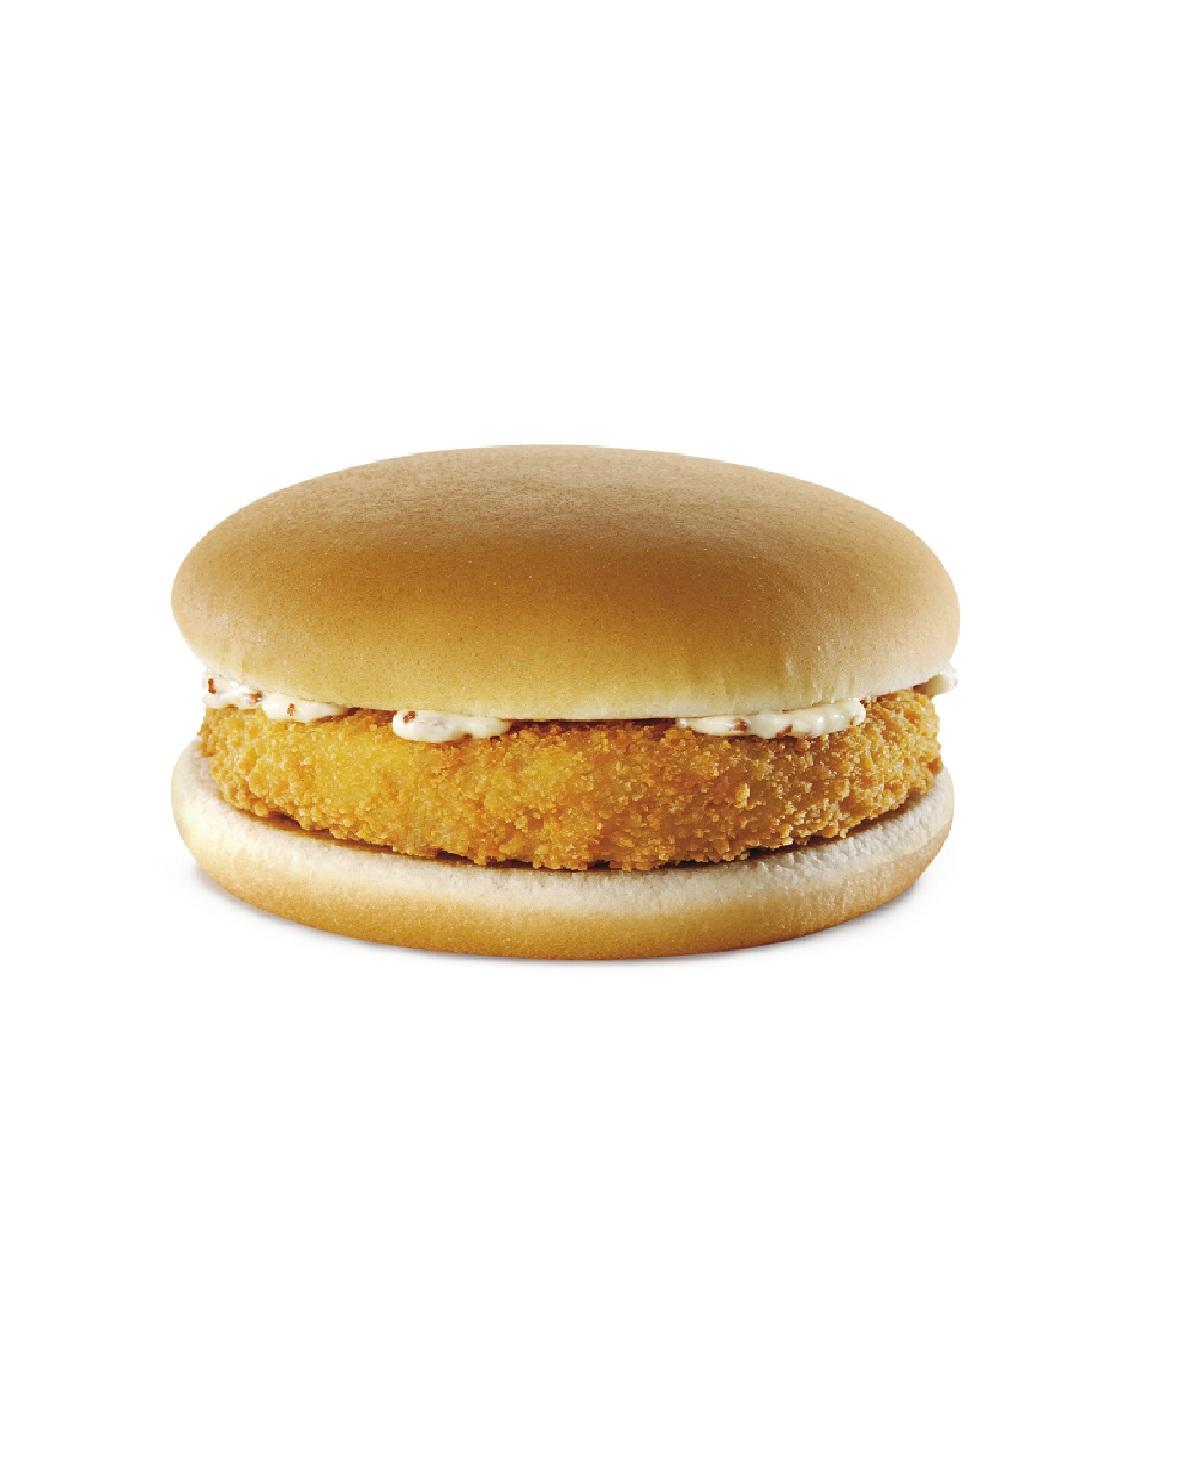 Zo zit dat: ketencontrole bij McDonald's